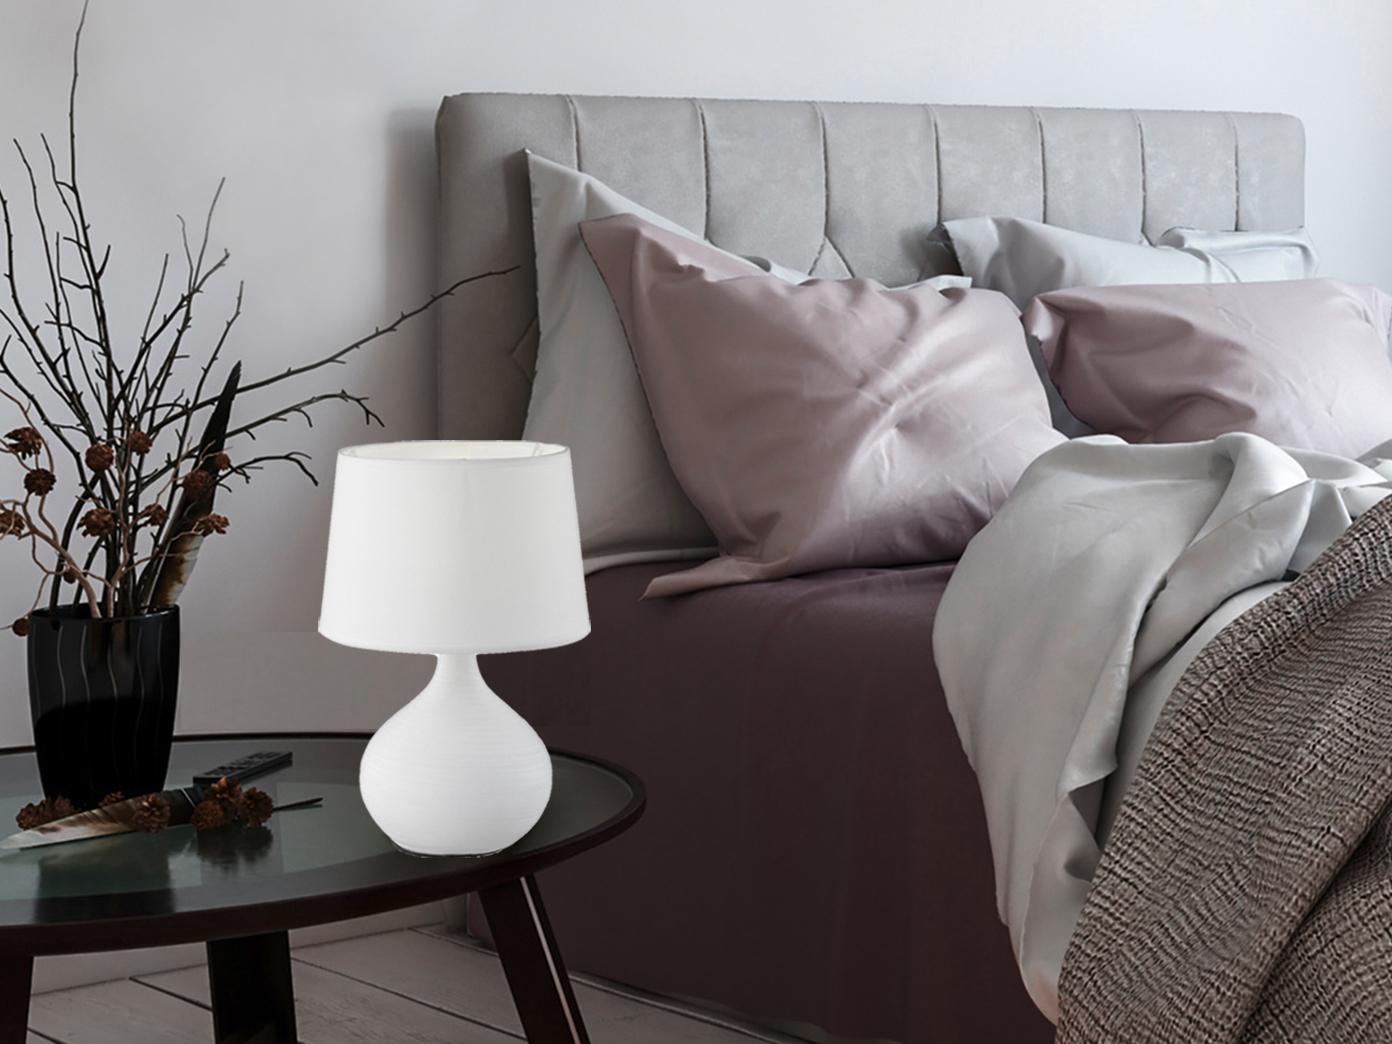 Indexbild 11 - LED Tischleuchten Keramik mit Stoffschirm klassische Schlafzimmerzimmerleuchten